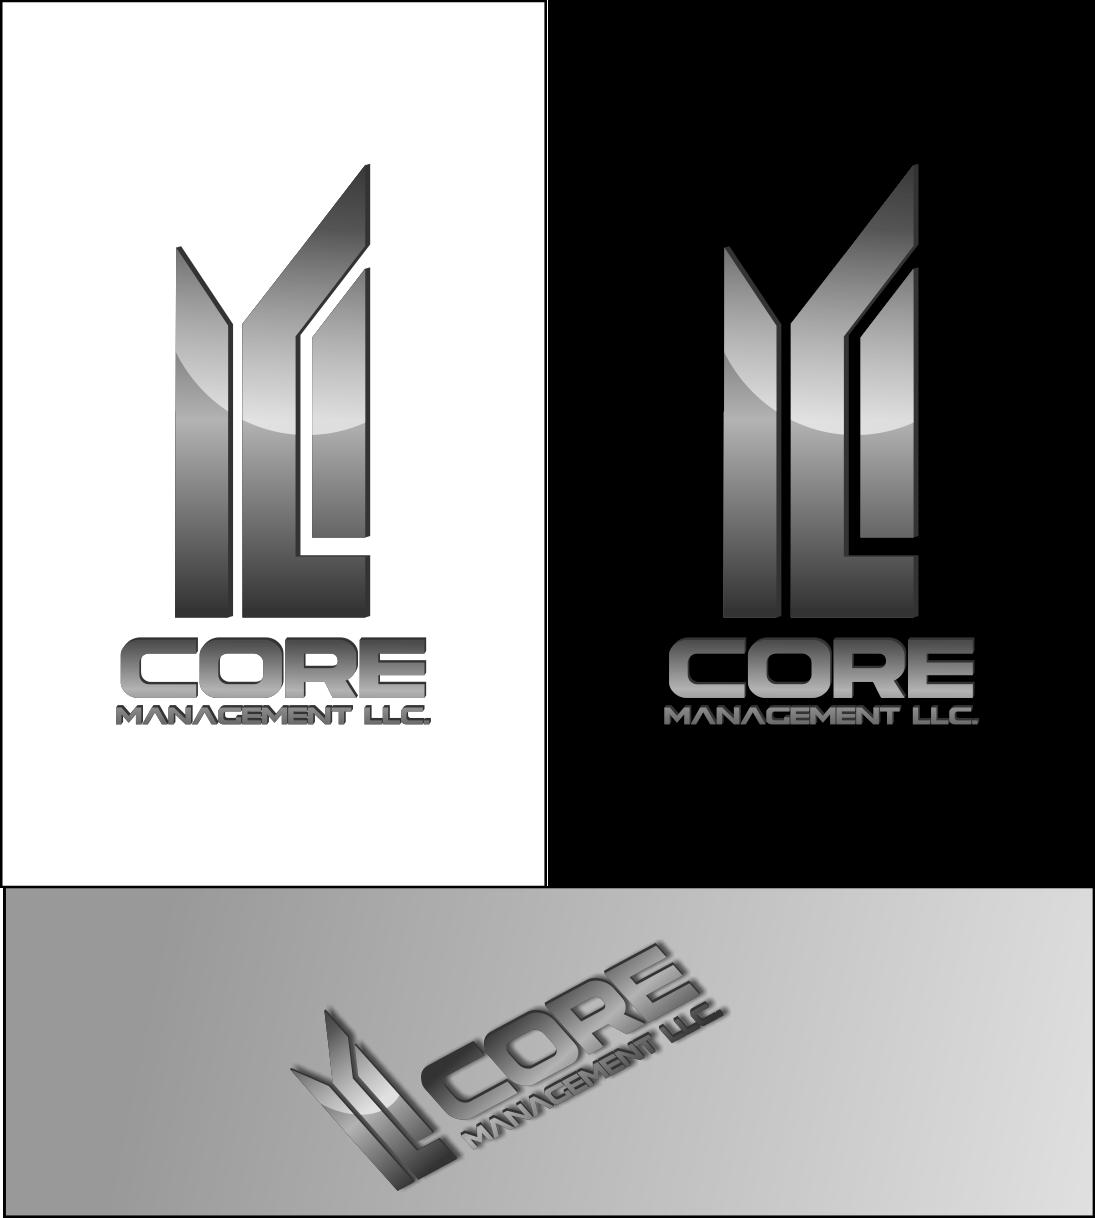 Logo Design by Agus Martoyo - Entry No. 219 in the Logo Design Contest Creative Logo Design for CORE Management, LLC.